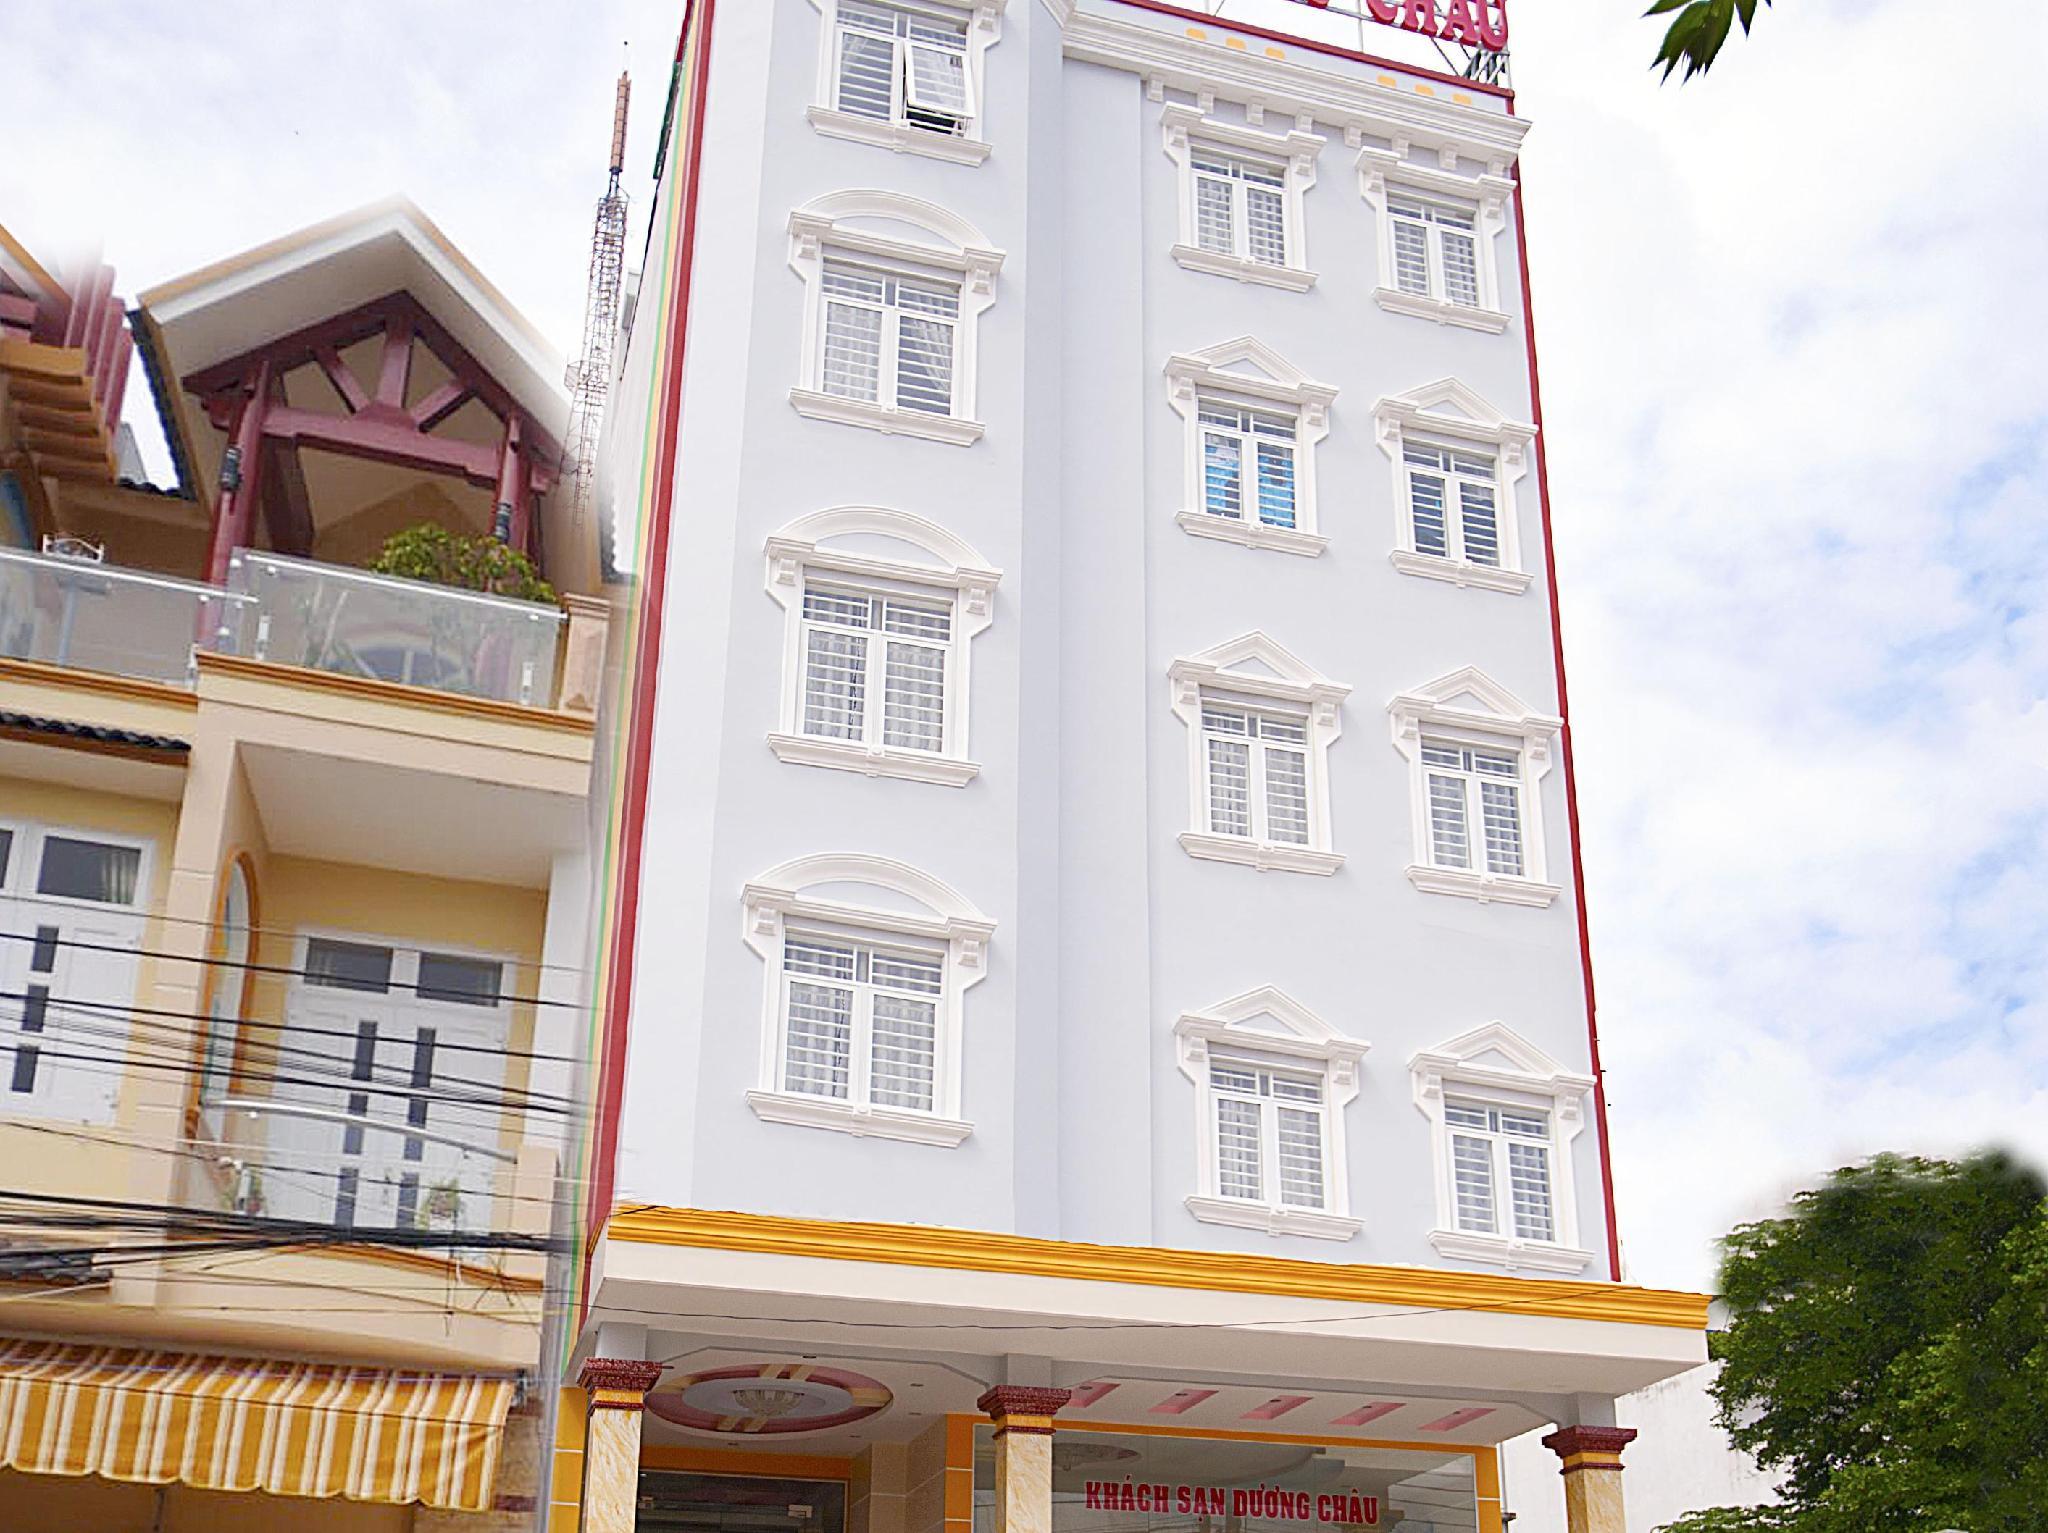 Duong Chau Hotel - Bien Hoa (Dong Nai)